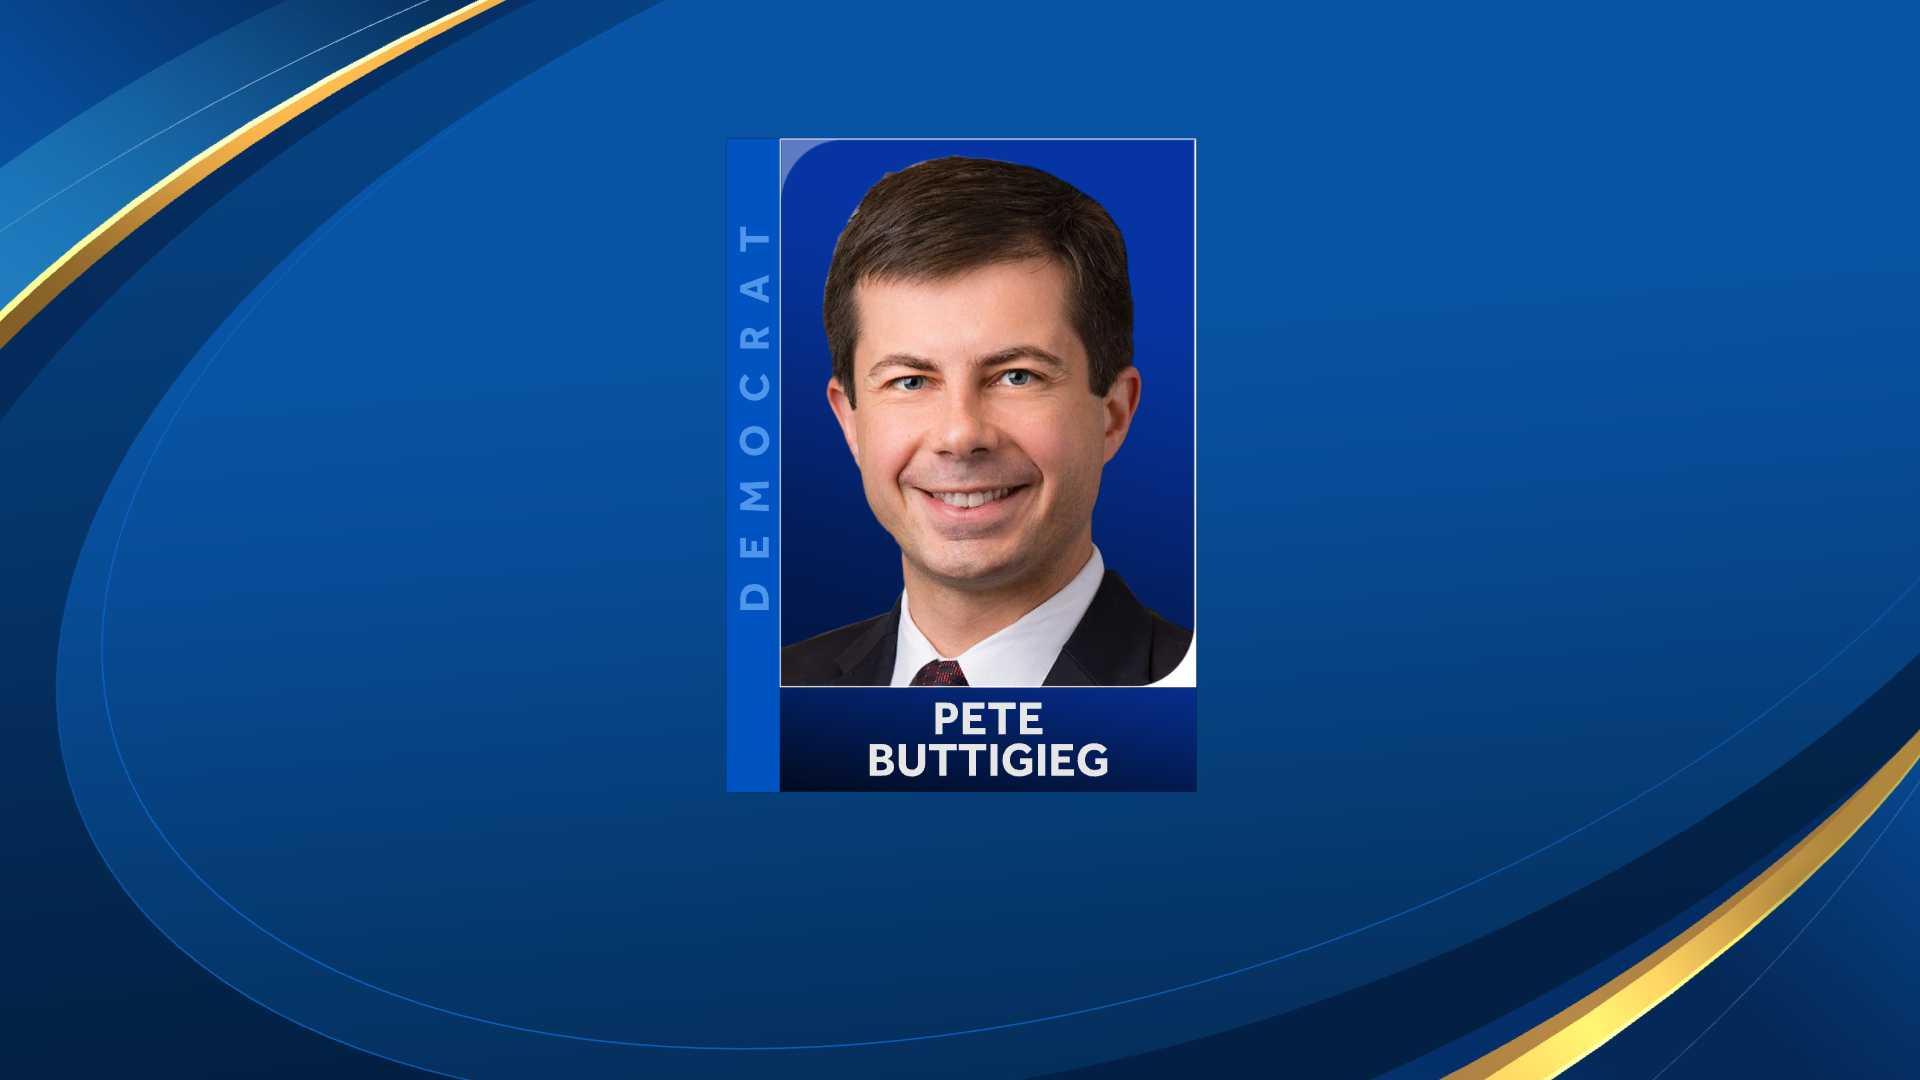 2020 candidate profile Pete Buttigieg WBAL NewsRadio 1090FM 1015 1920x1080